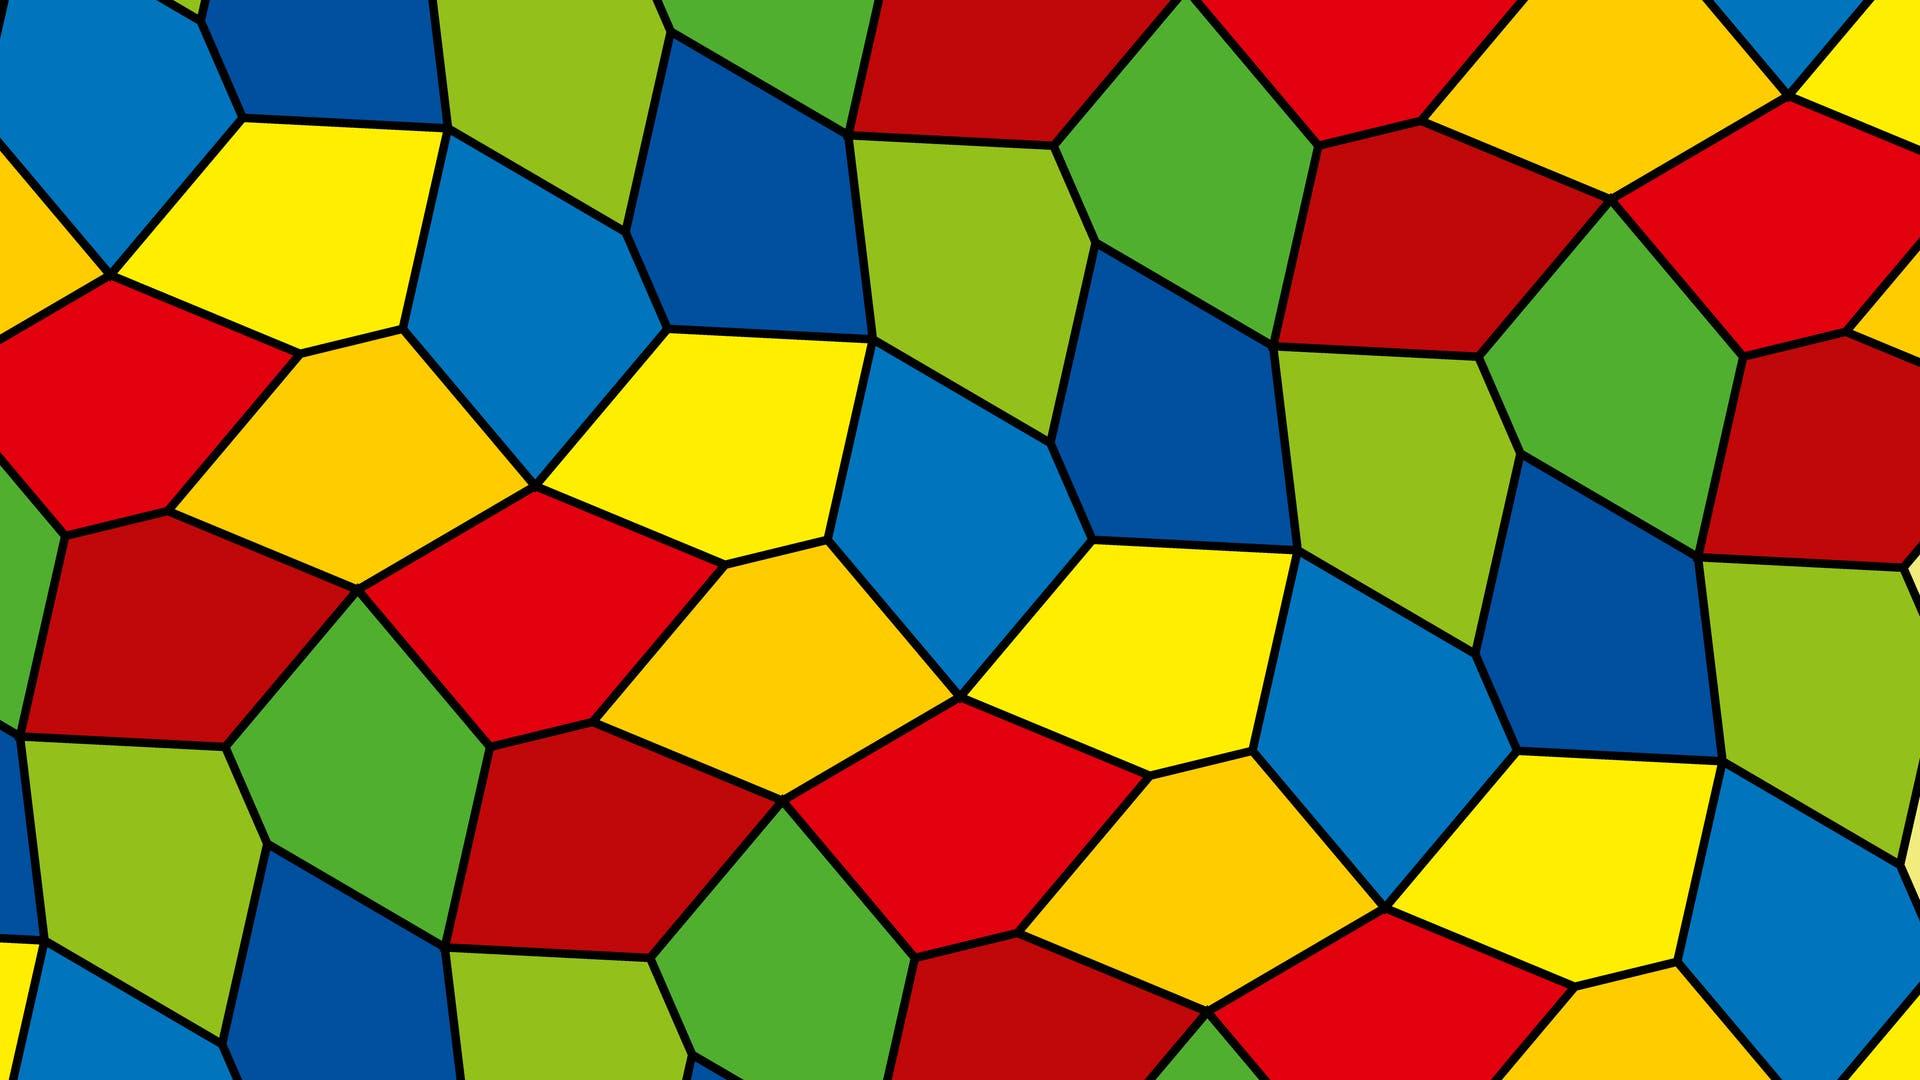 Fünfeck 9